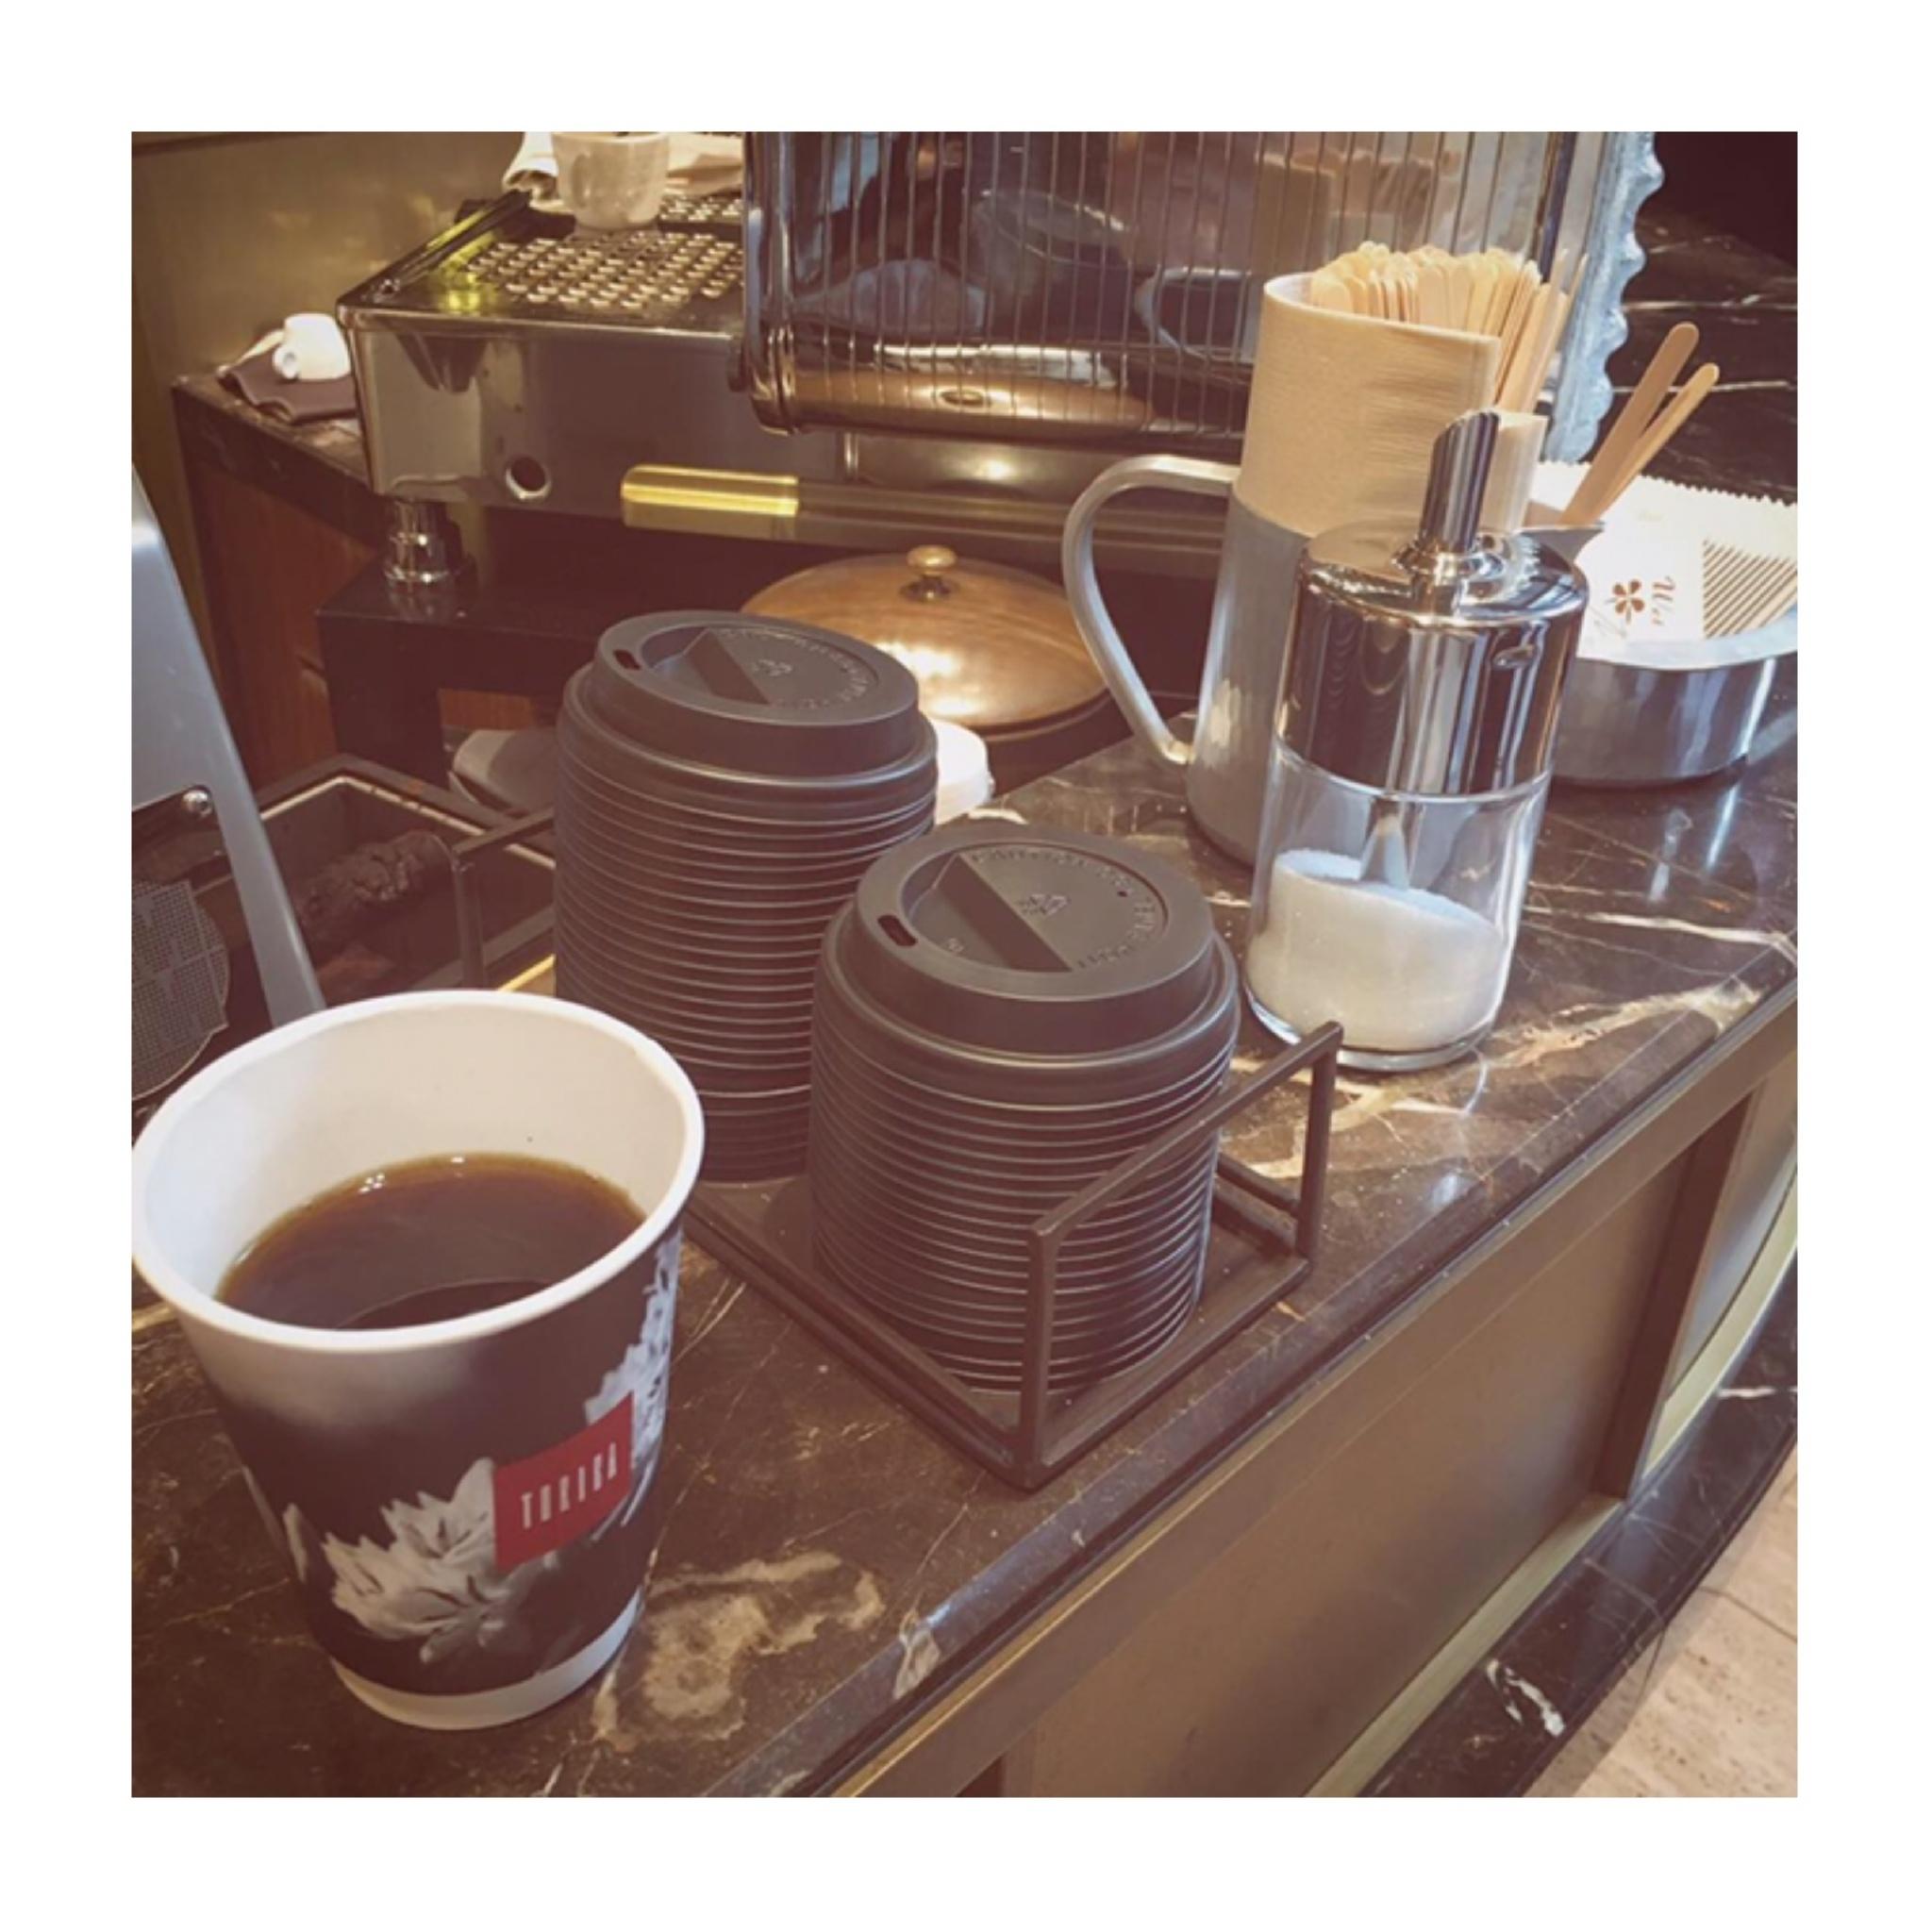 #16【#cafestagram】❤️:《銀座》でまさかの100円で本格コーヒーが飲める!『TORIBA COFFEE』☻_4